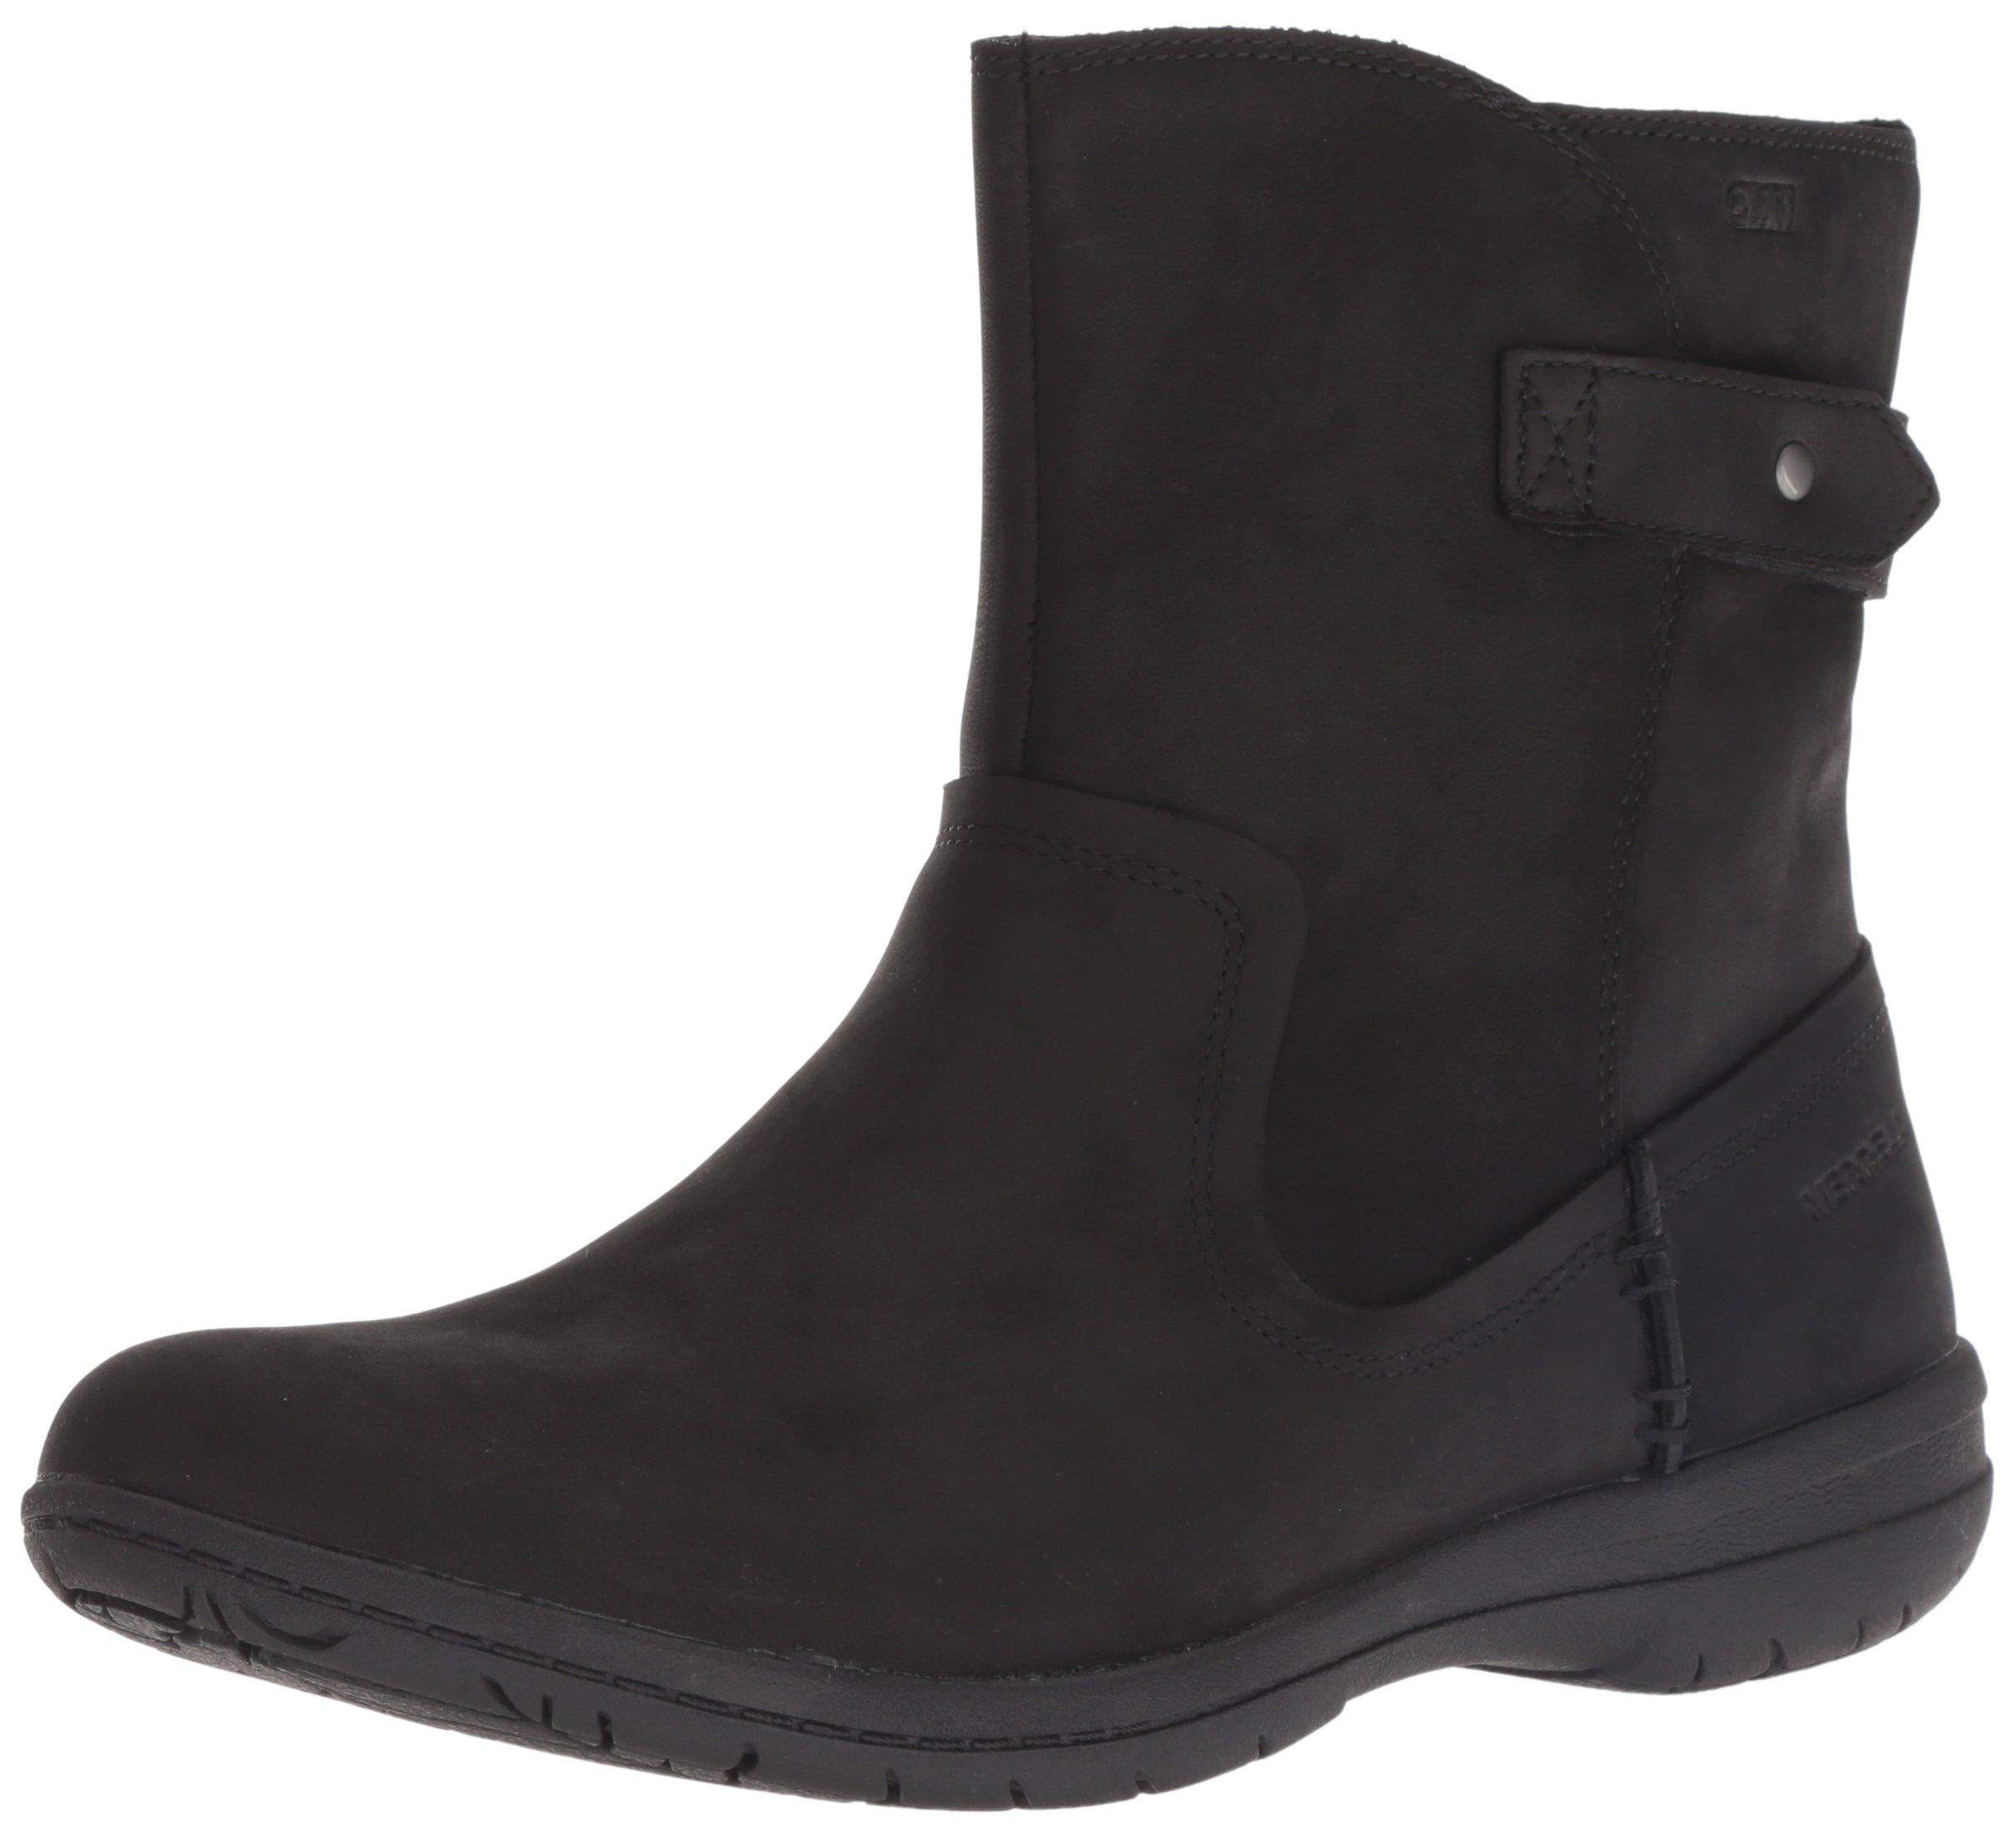 Merrell Women's Encore Kassie MID Waterproof Fashion Boot Black 9 M US